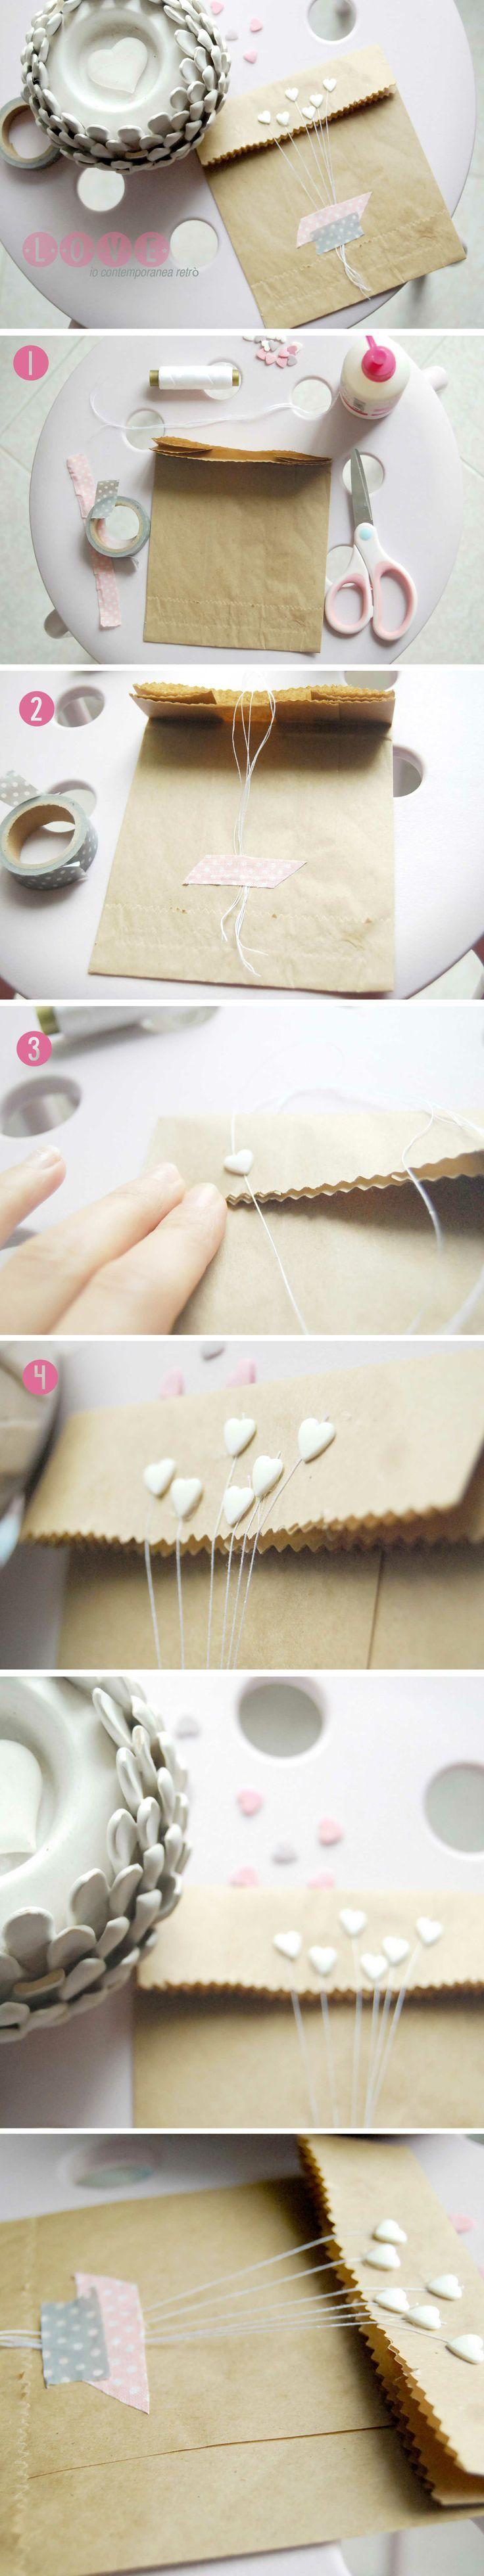 Un dolce e semplice DIY per creare delle originali buste di carta, adatte come…